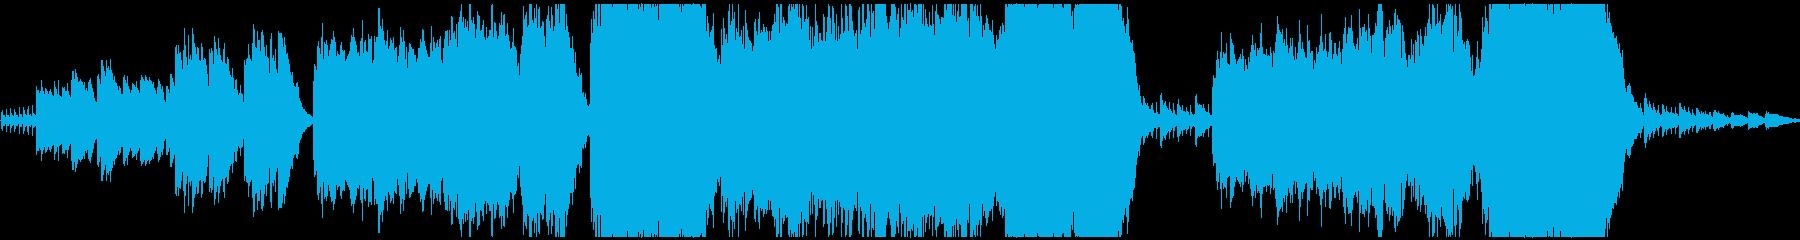 クラシック 交響曲 ほのぼの 幸せ...の再生済みの波形